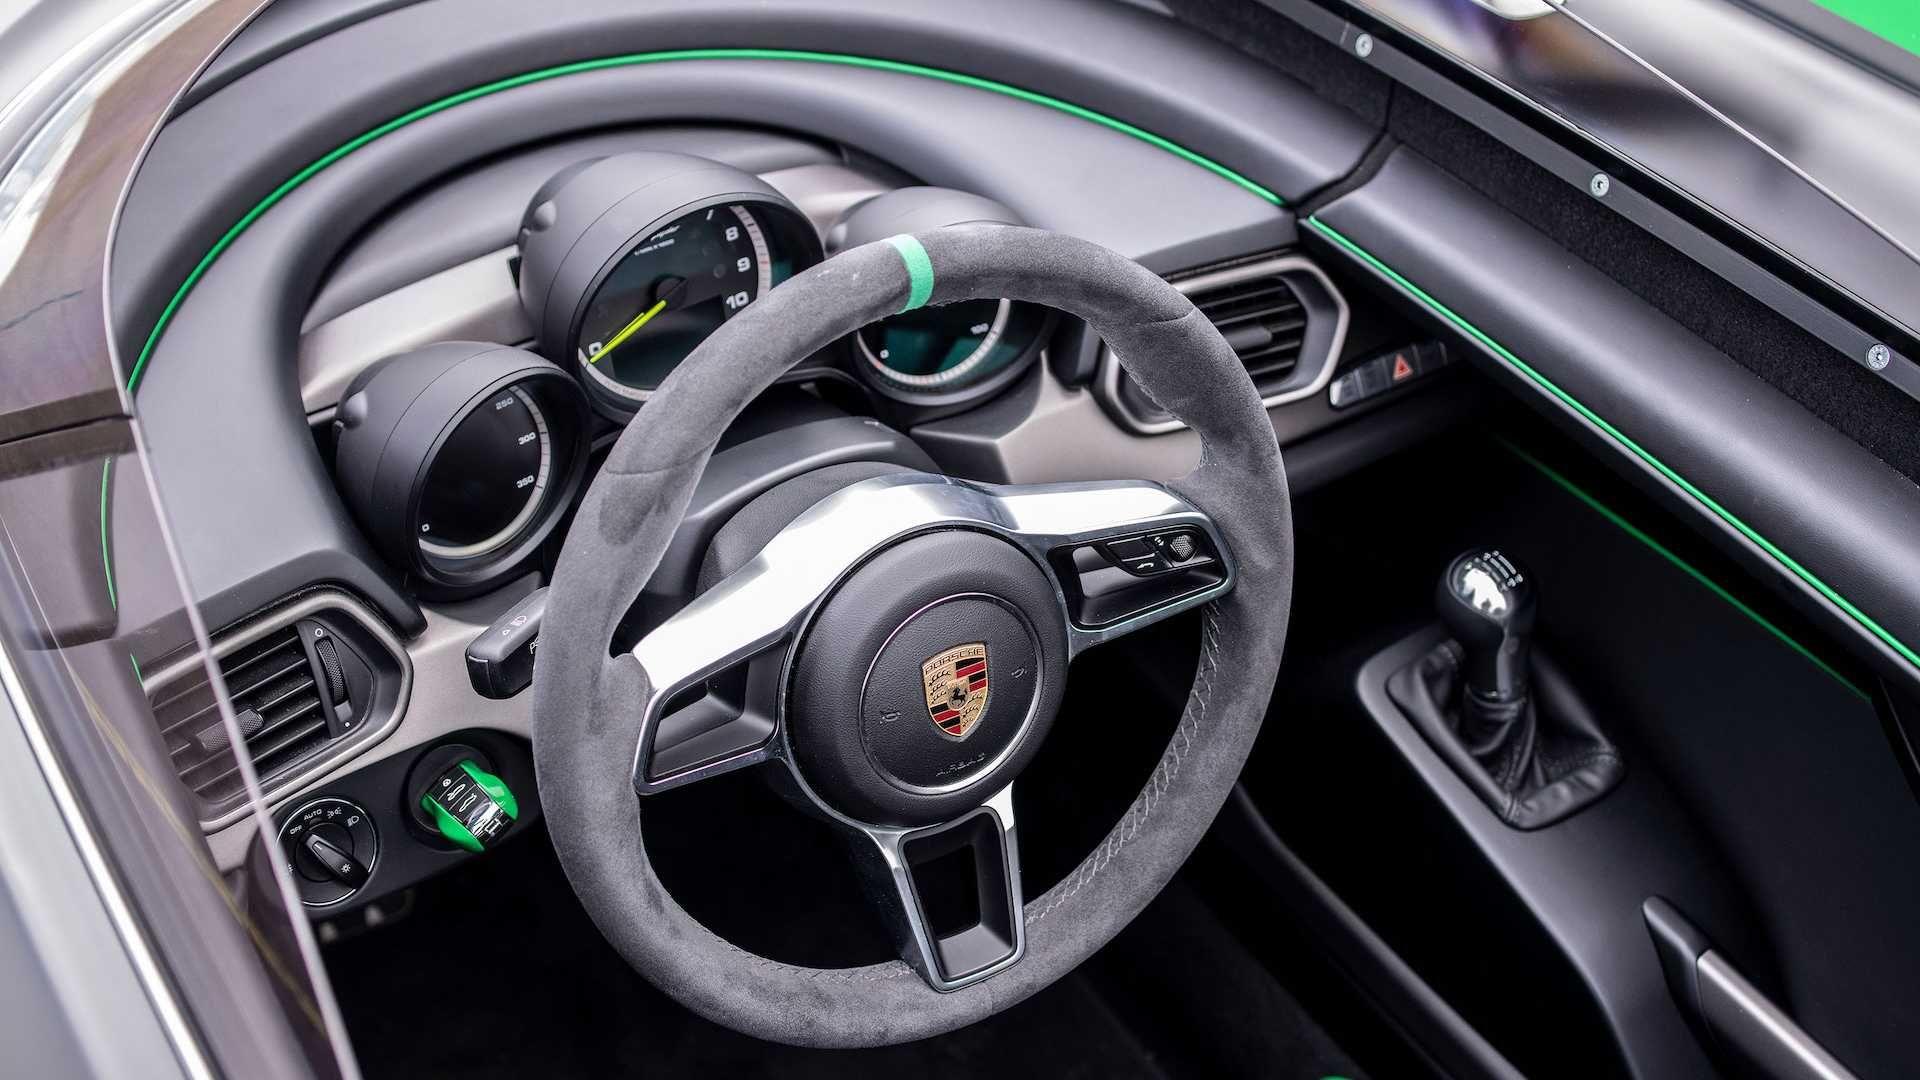 Không có nhiều người biết được sự tồn tại của chiếc Porsche này - Hình 3